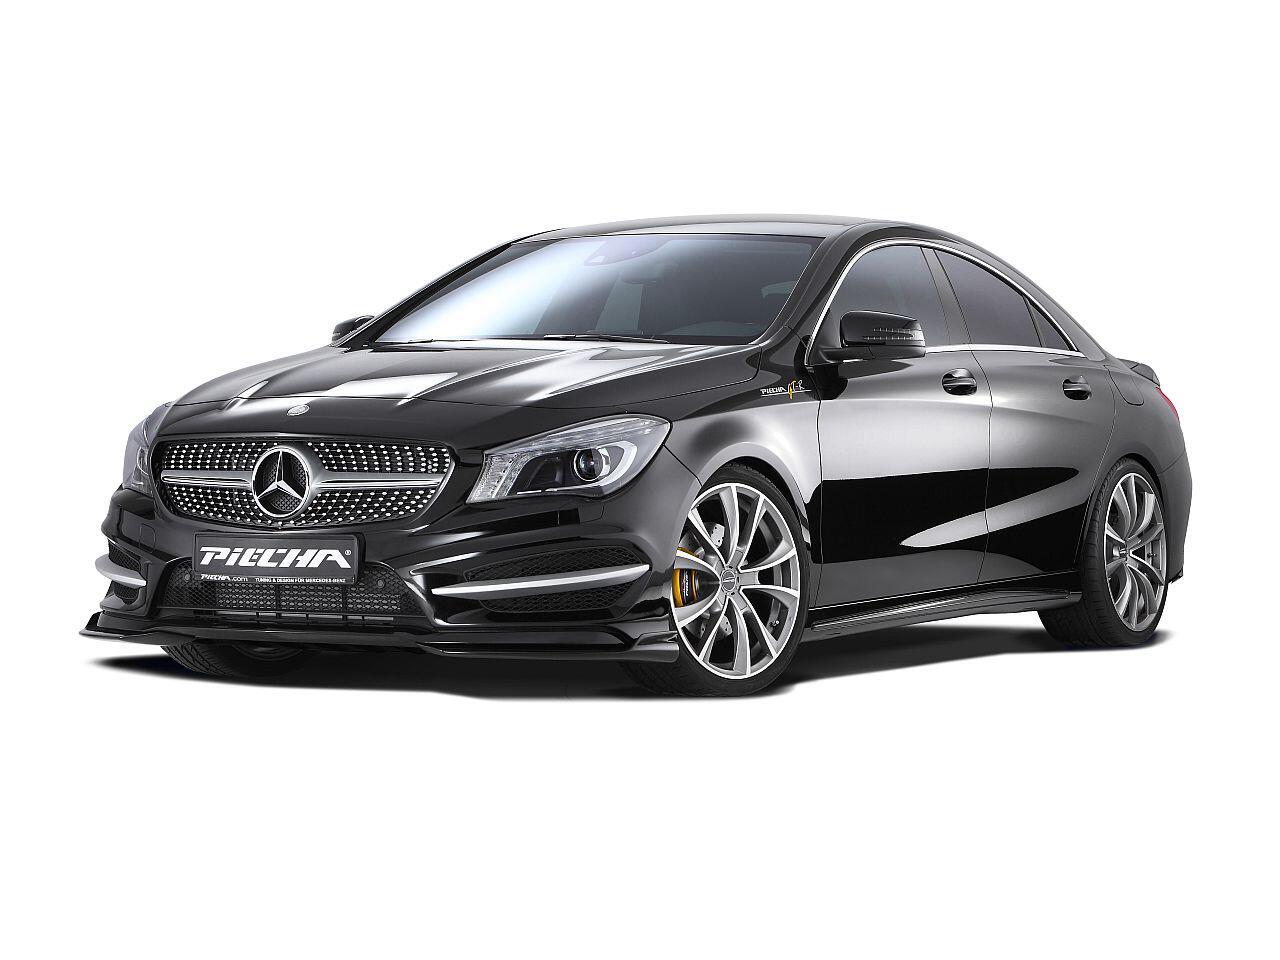 Bild zu Aufgebrezelter Mercedes CLA von Piëcha